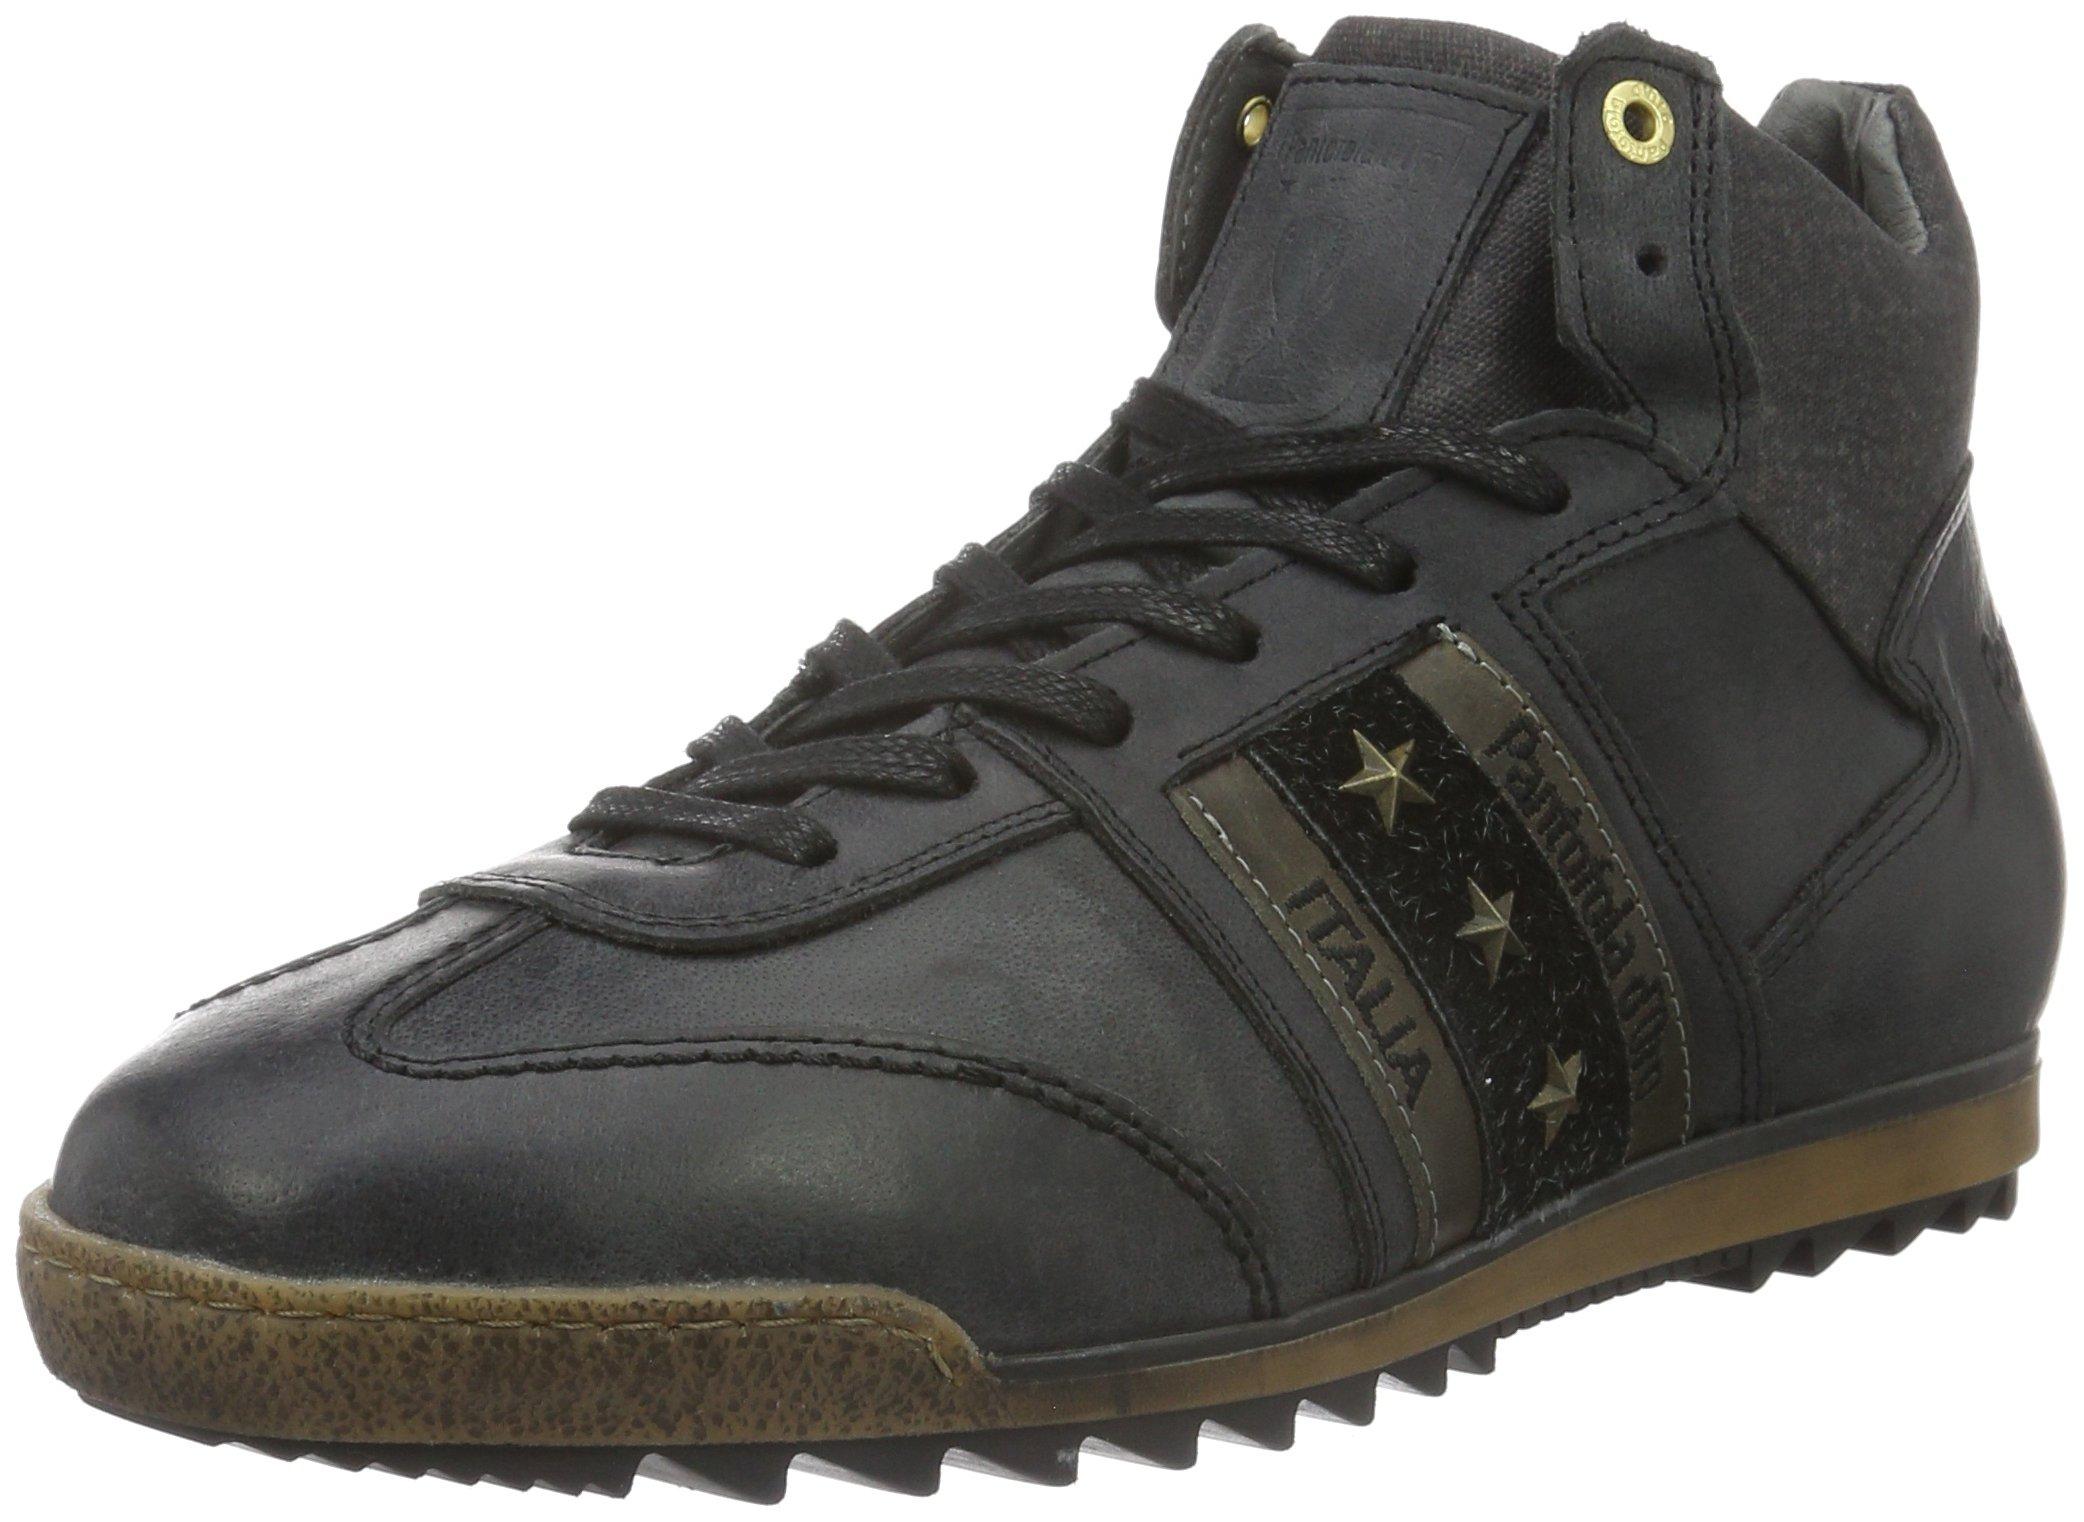 Imola HommeNoir Uomo Pantofola Vecchio D'oro Adesione MidSneakers Basses Schwarz25y45 bf6gy7vY